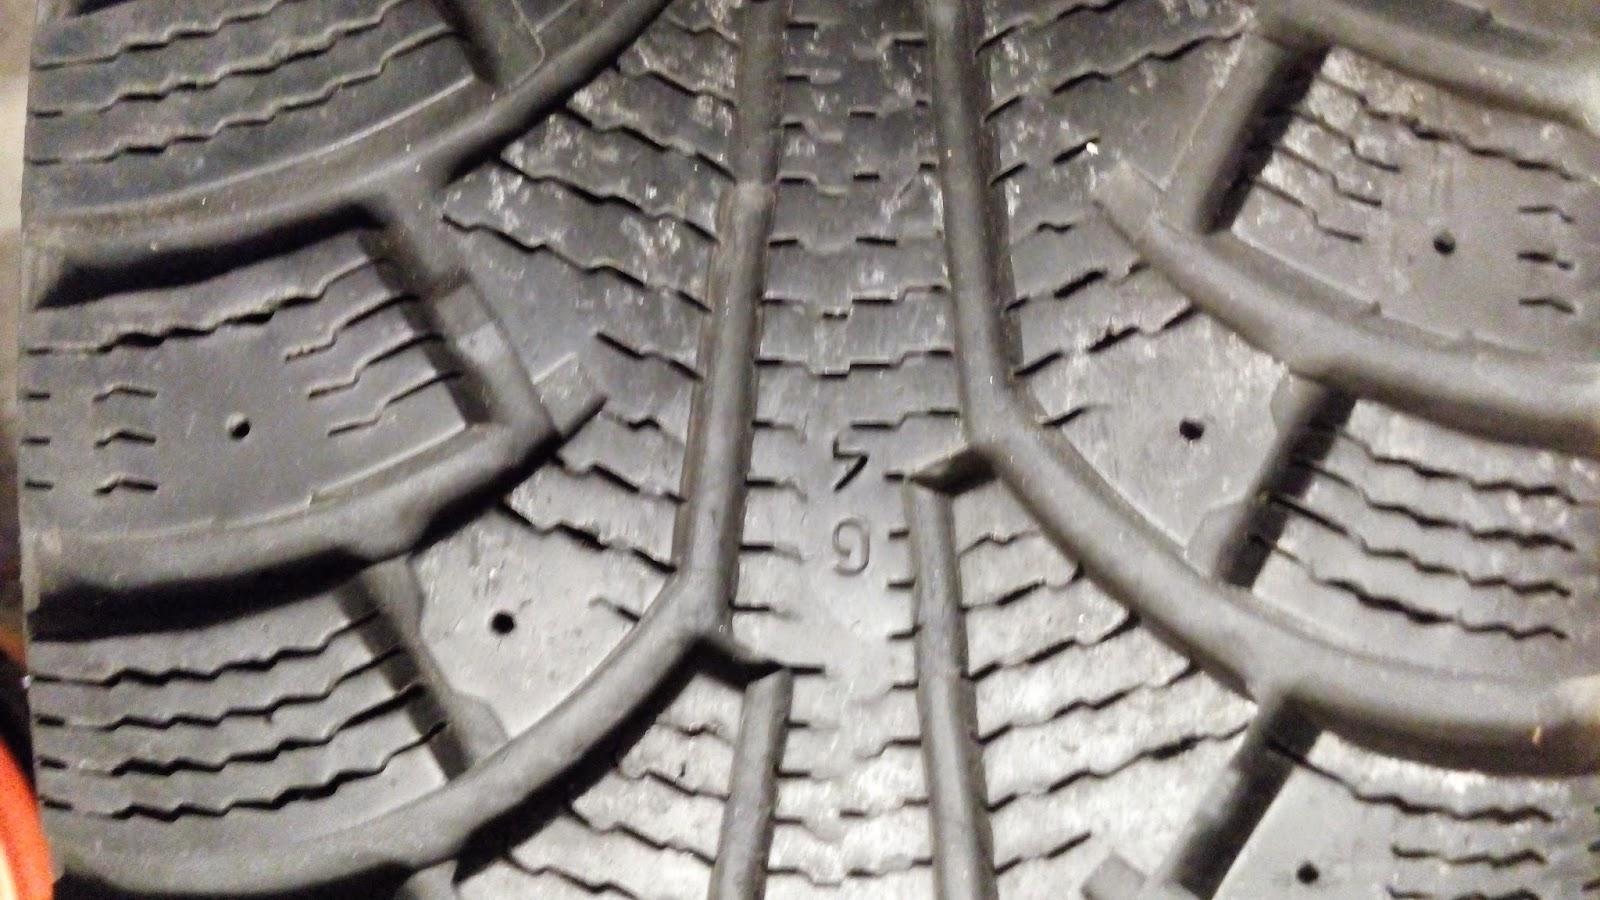 Nokian Hakkapeliitta R2 >> Moderncartalk: Winter tire tread, are they still safe to use?